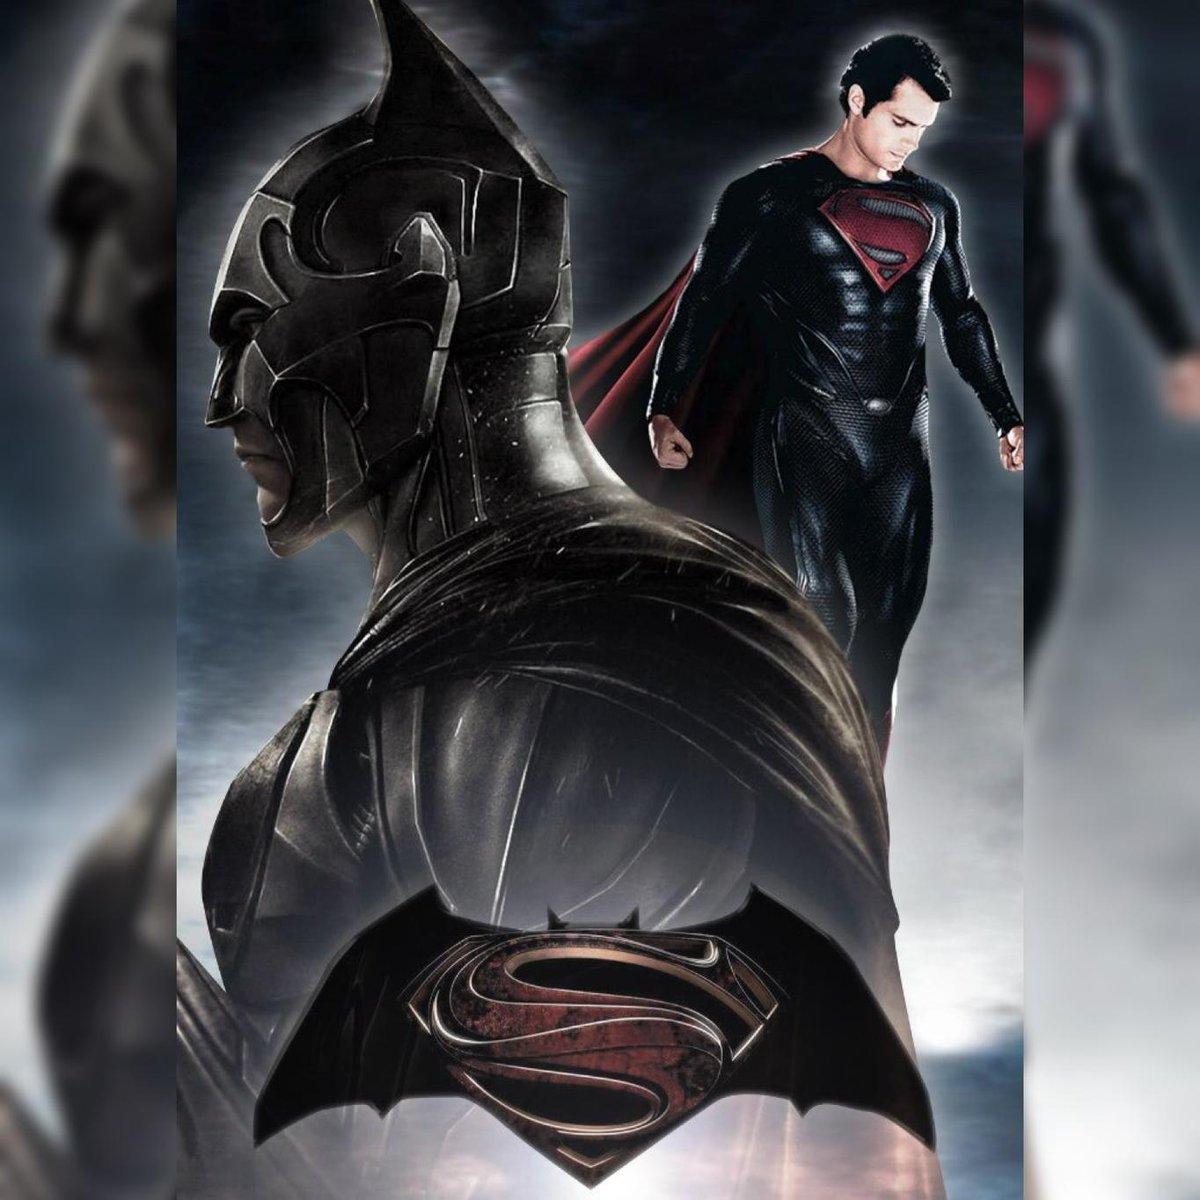 бэтмен против супермена картинки бэтмена отметить, что ментол